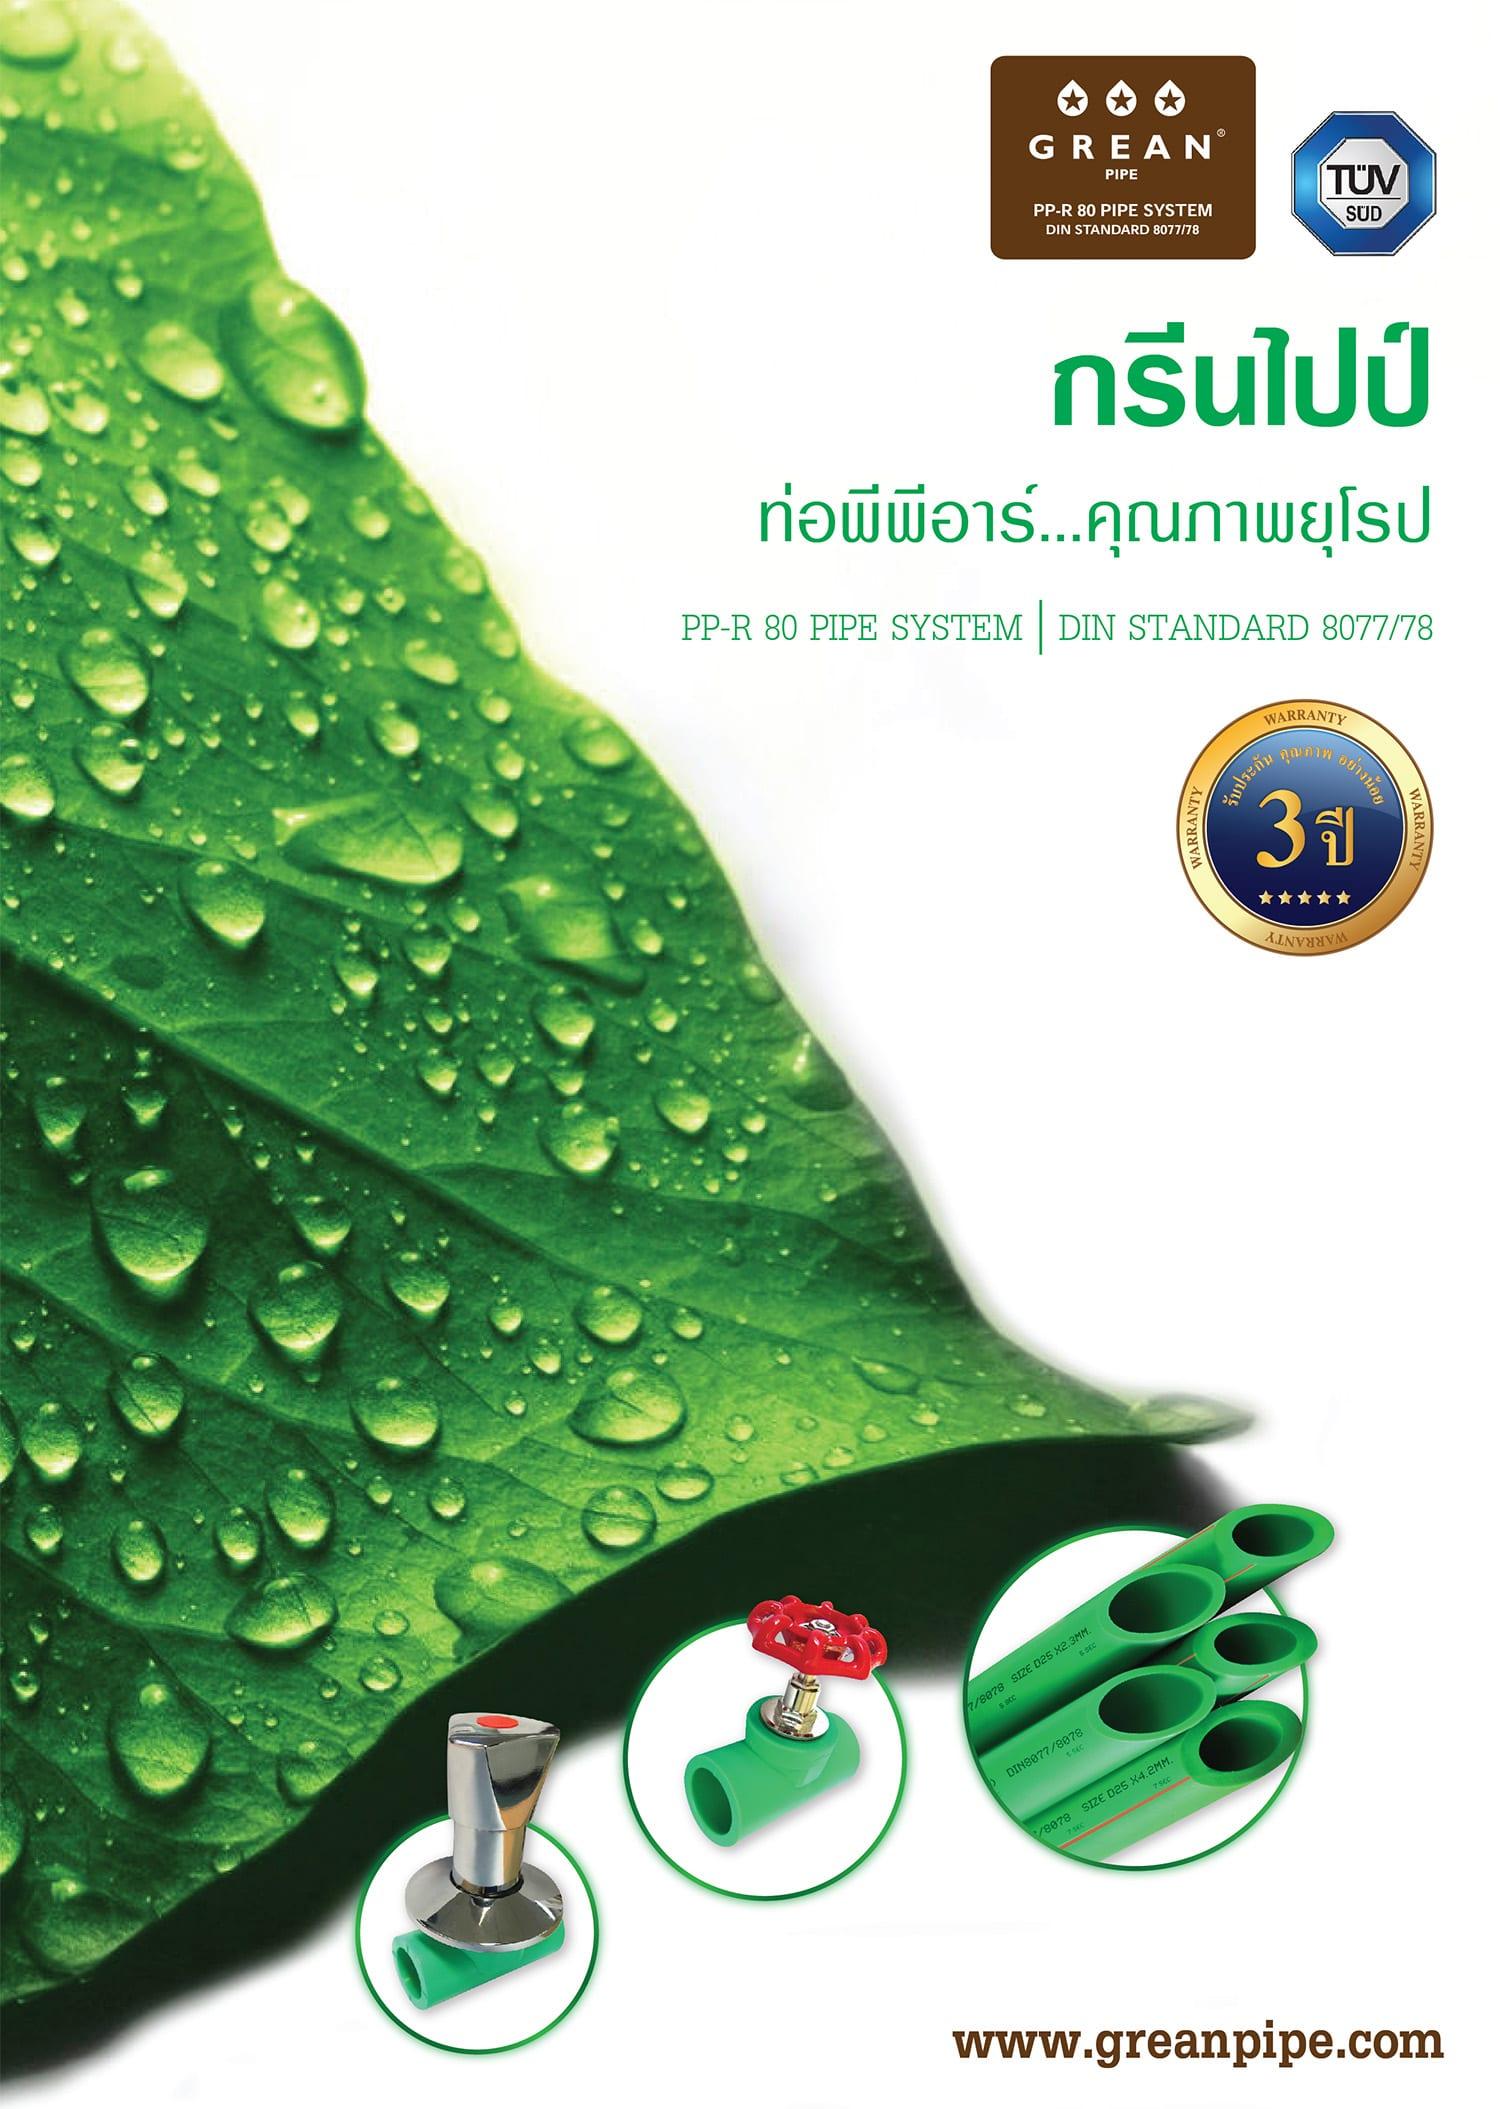 Brochure Greanpipe